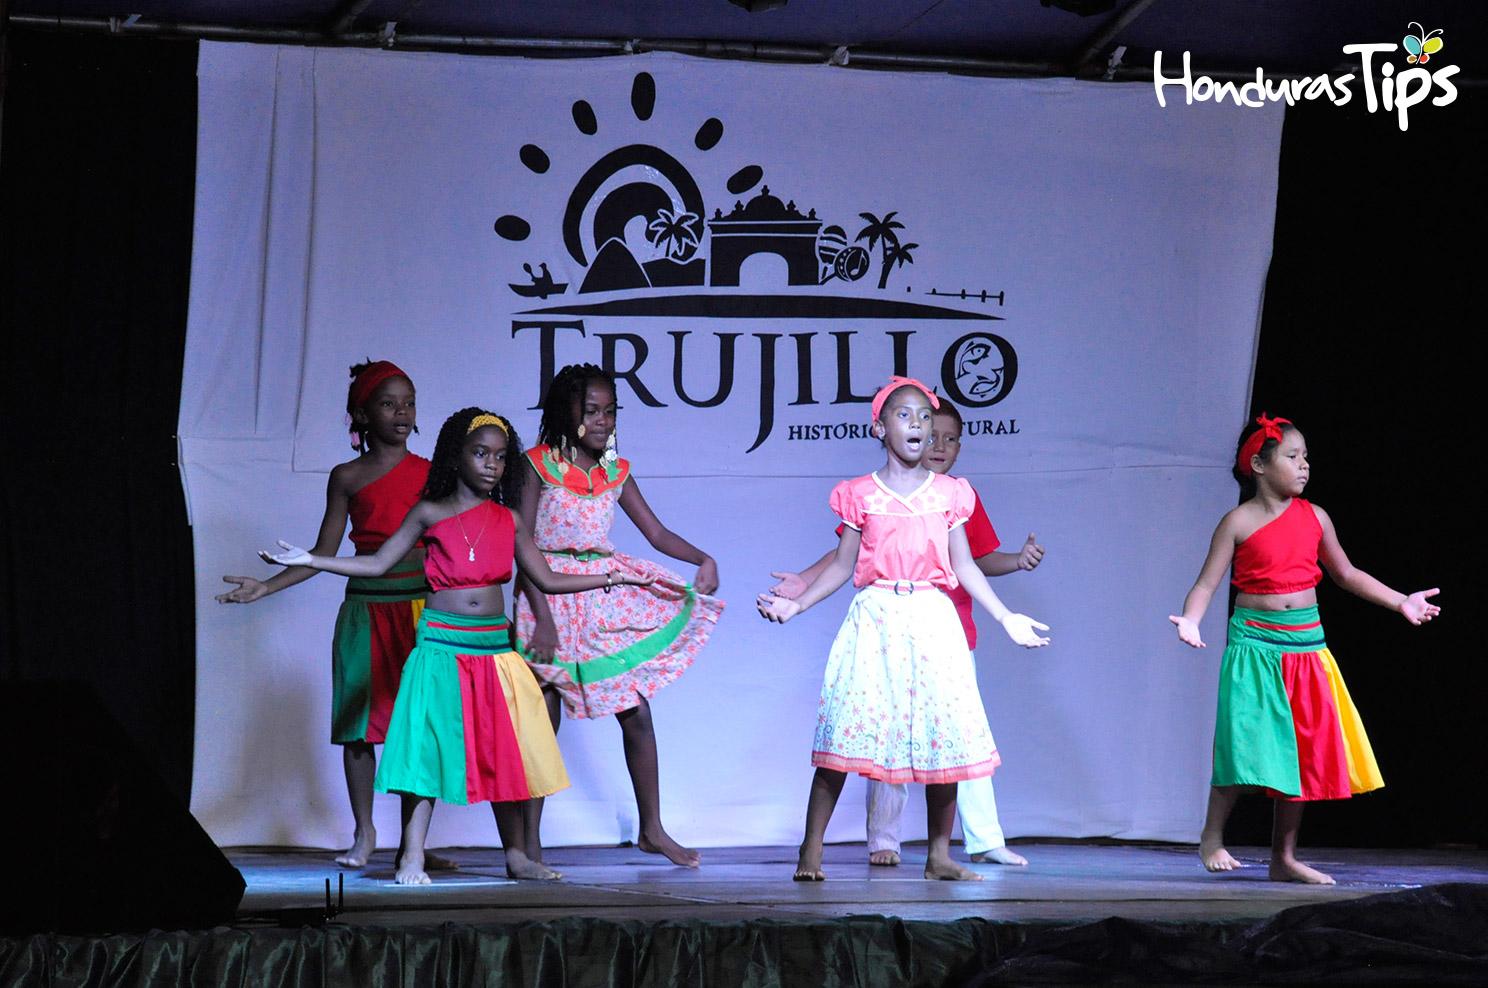 La escuela San Juan Bautista ofreció un entretenido baile garífuna en su presentación.